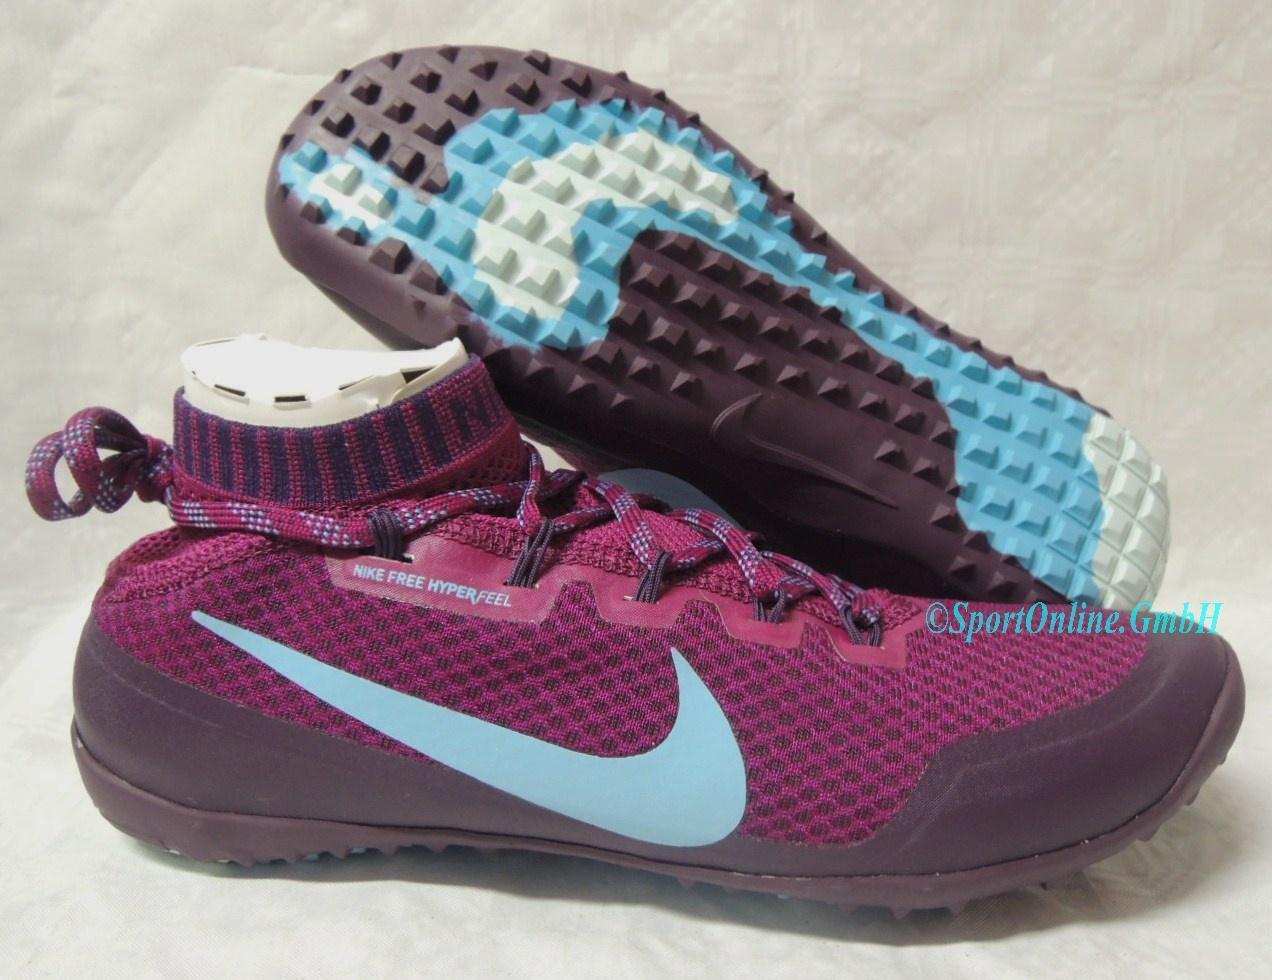 NEU Nike WMNS Free Hyperfeel Run TRL damen Gr  38,5 Trail Laufschuhe 616254-640